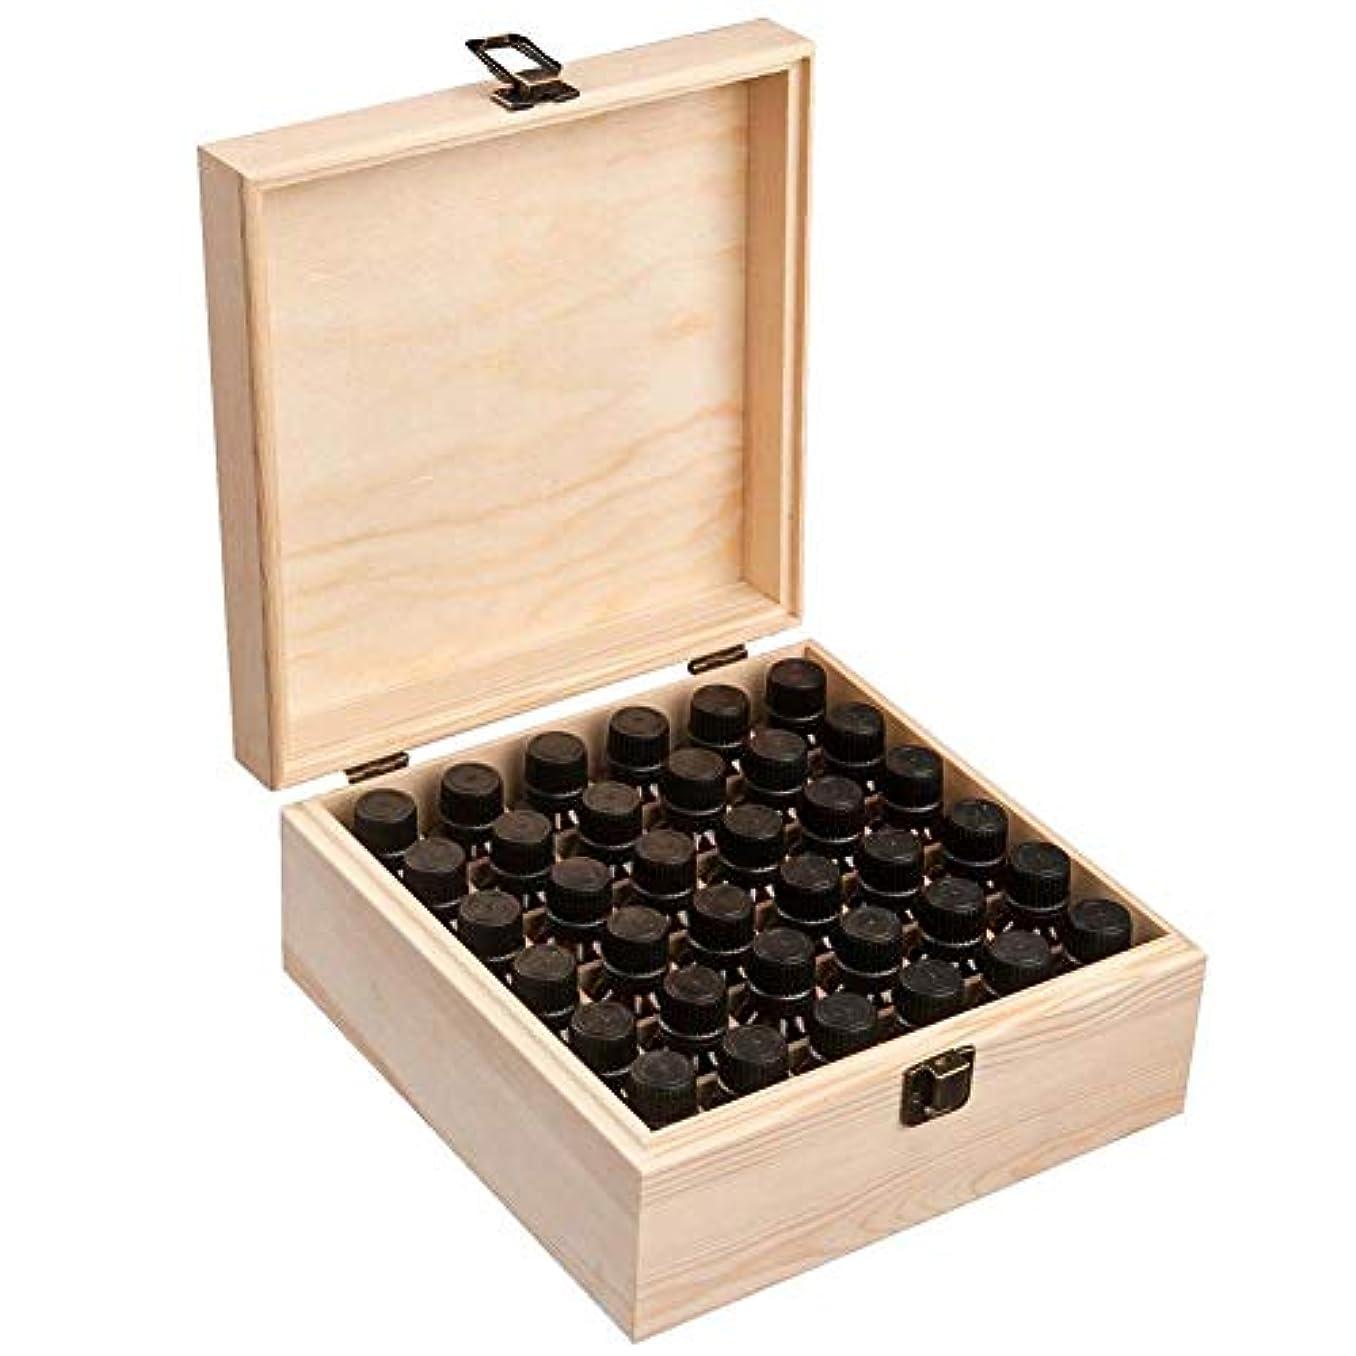 暗殺ボア線エッセンシャルオイル収納ボックス 純木の精油の収納箱 香水収納ケース アロマオイル収納ボックス 36本用